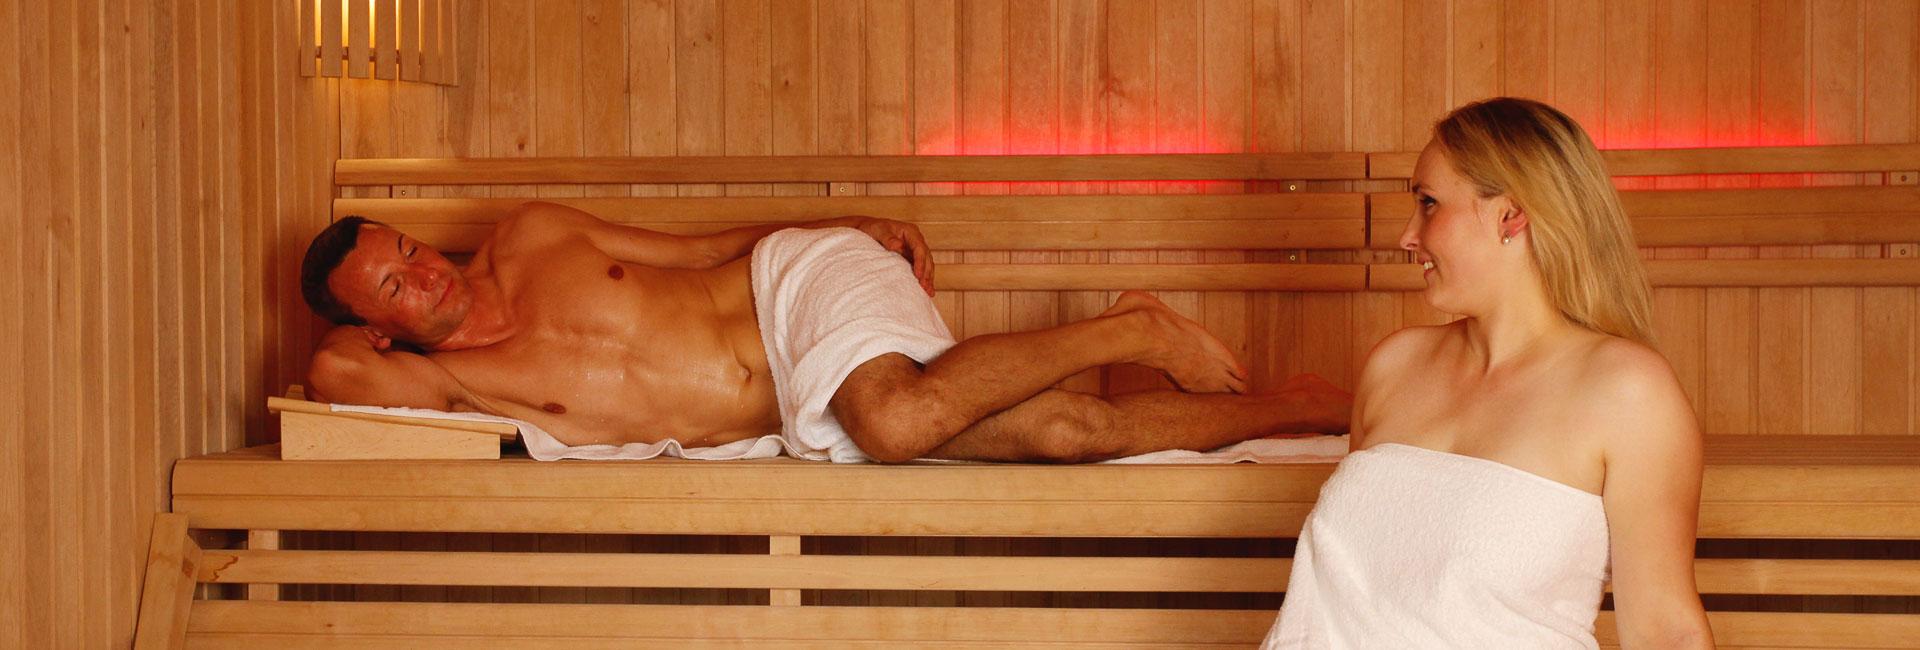 Sauna ständer in der Mein Sohn